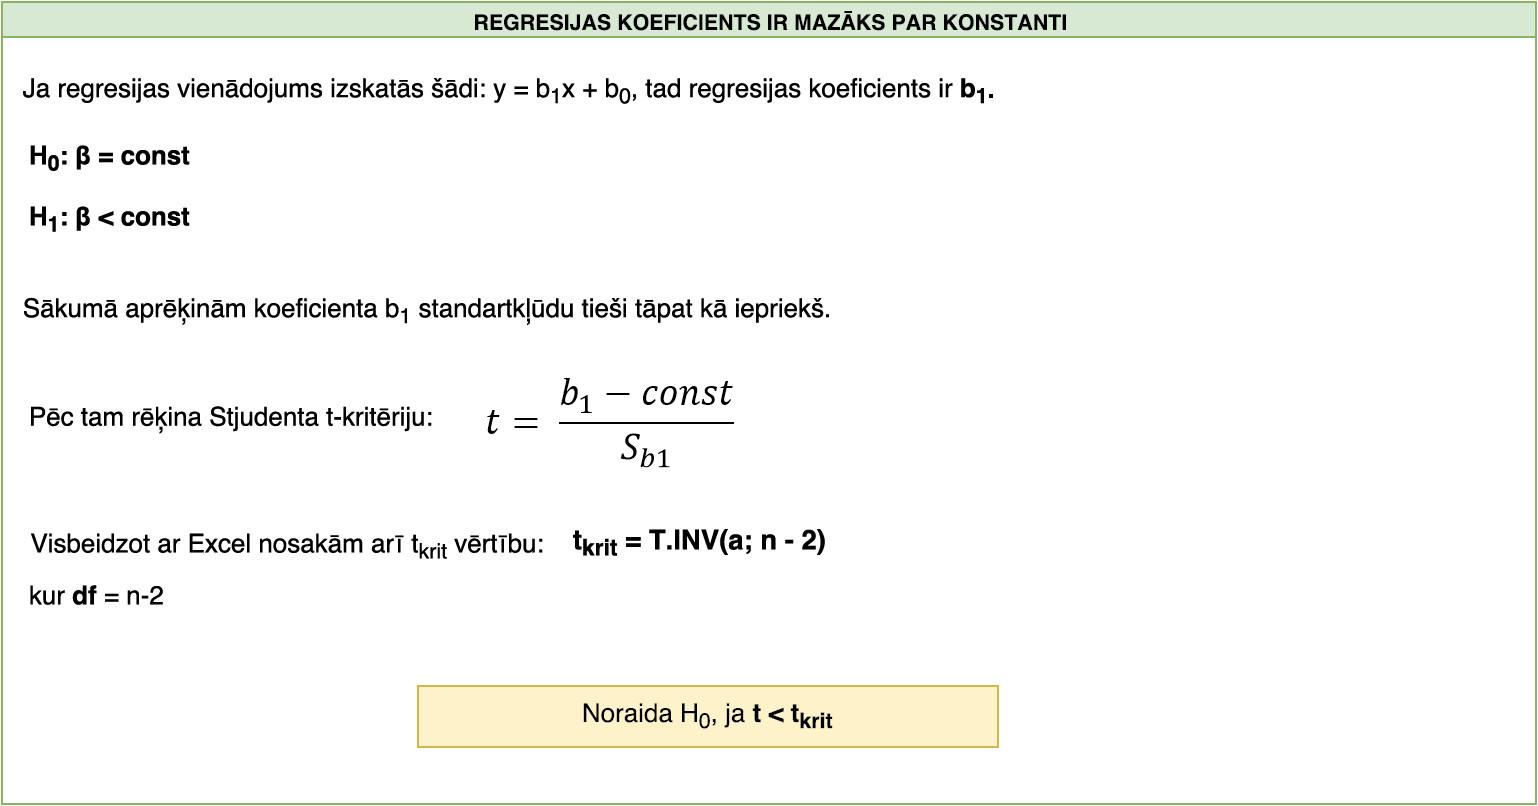 Regresijas koeficients ir lielāks par konstanti.